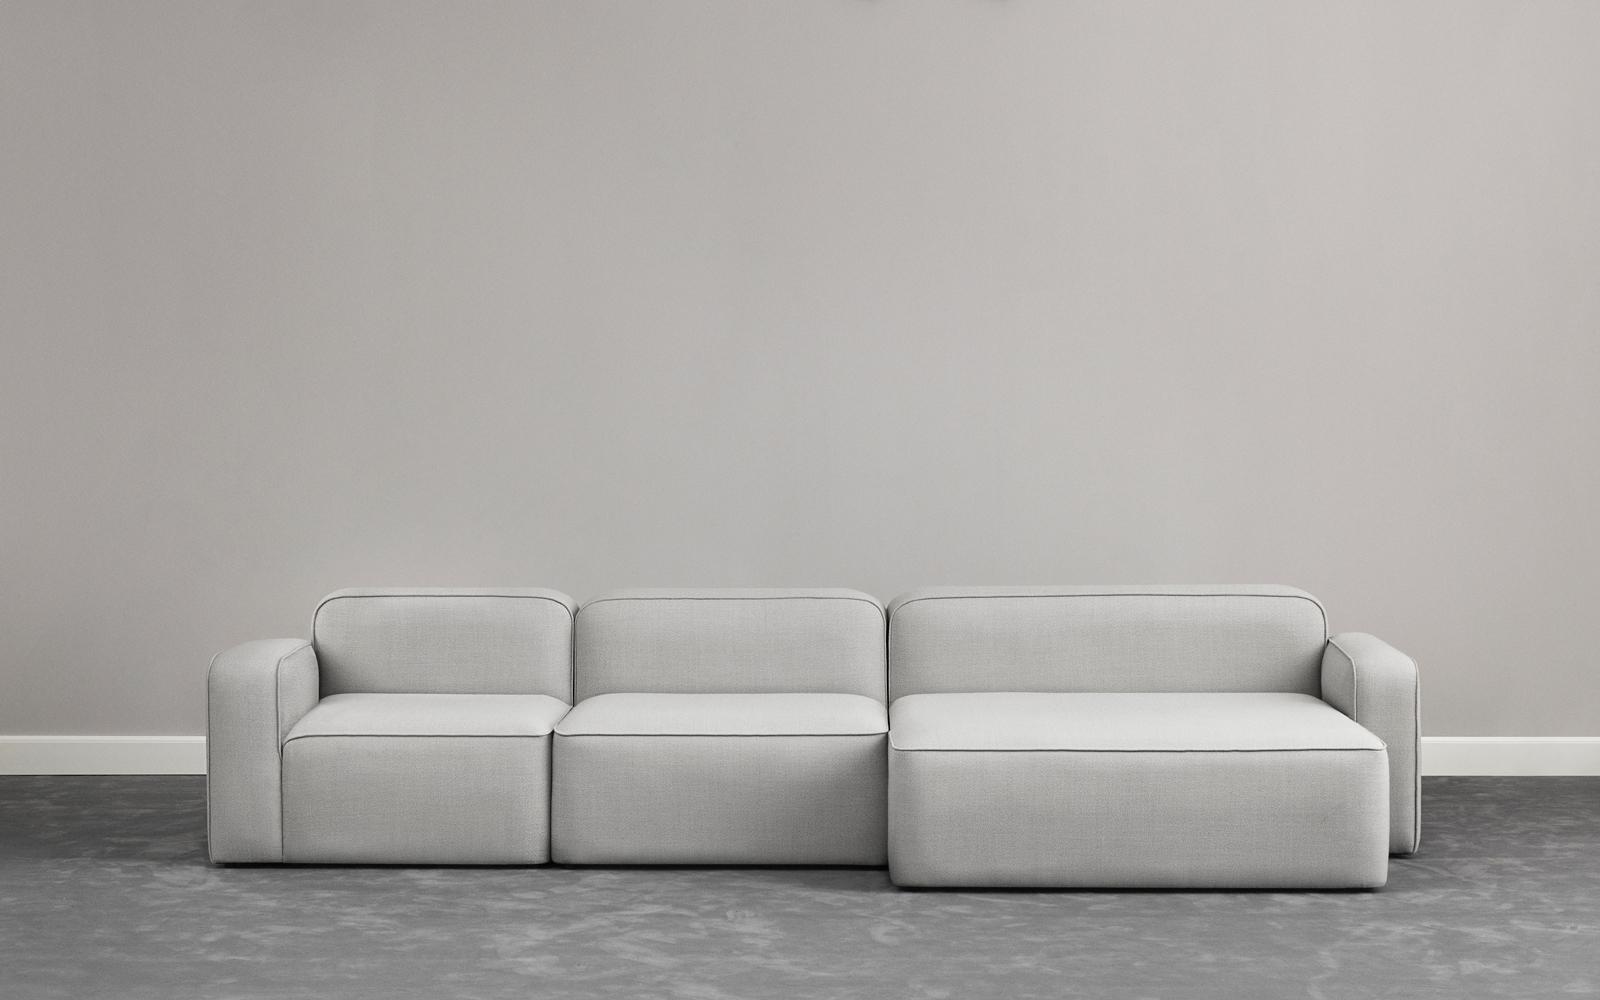 Modul Sofa sofa chaise lounge right fame